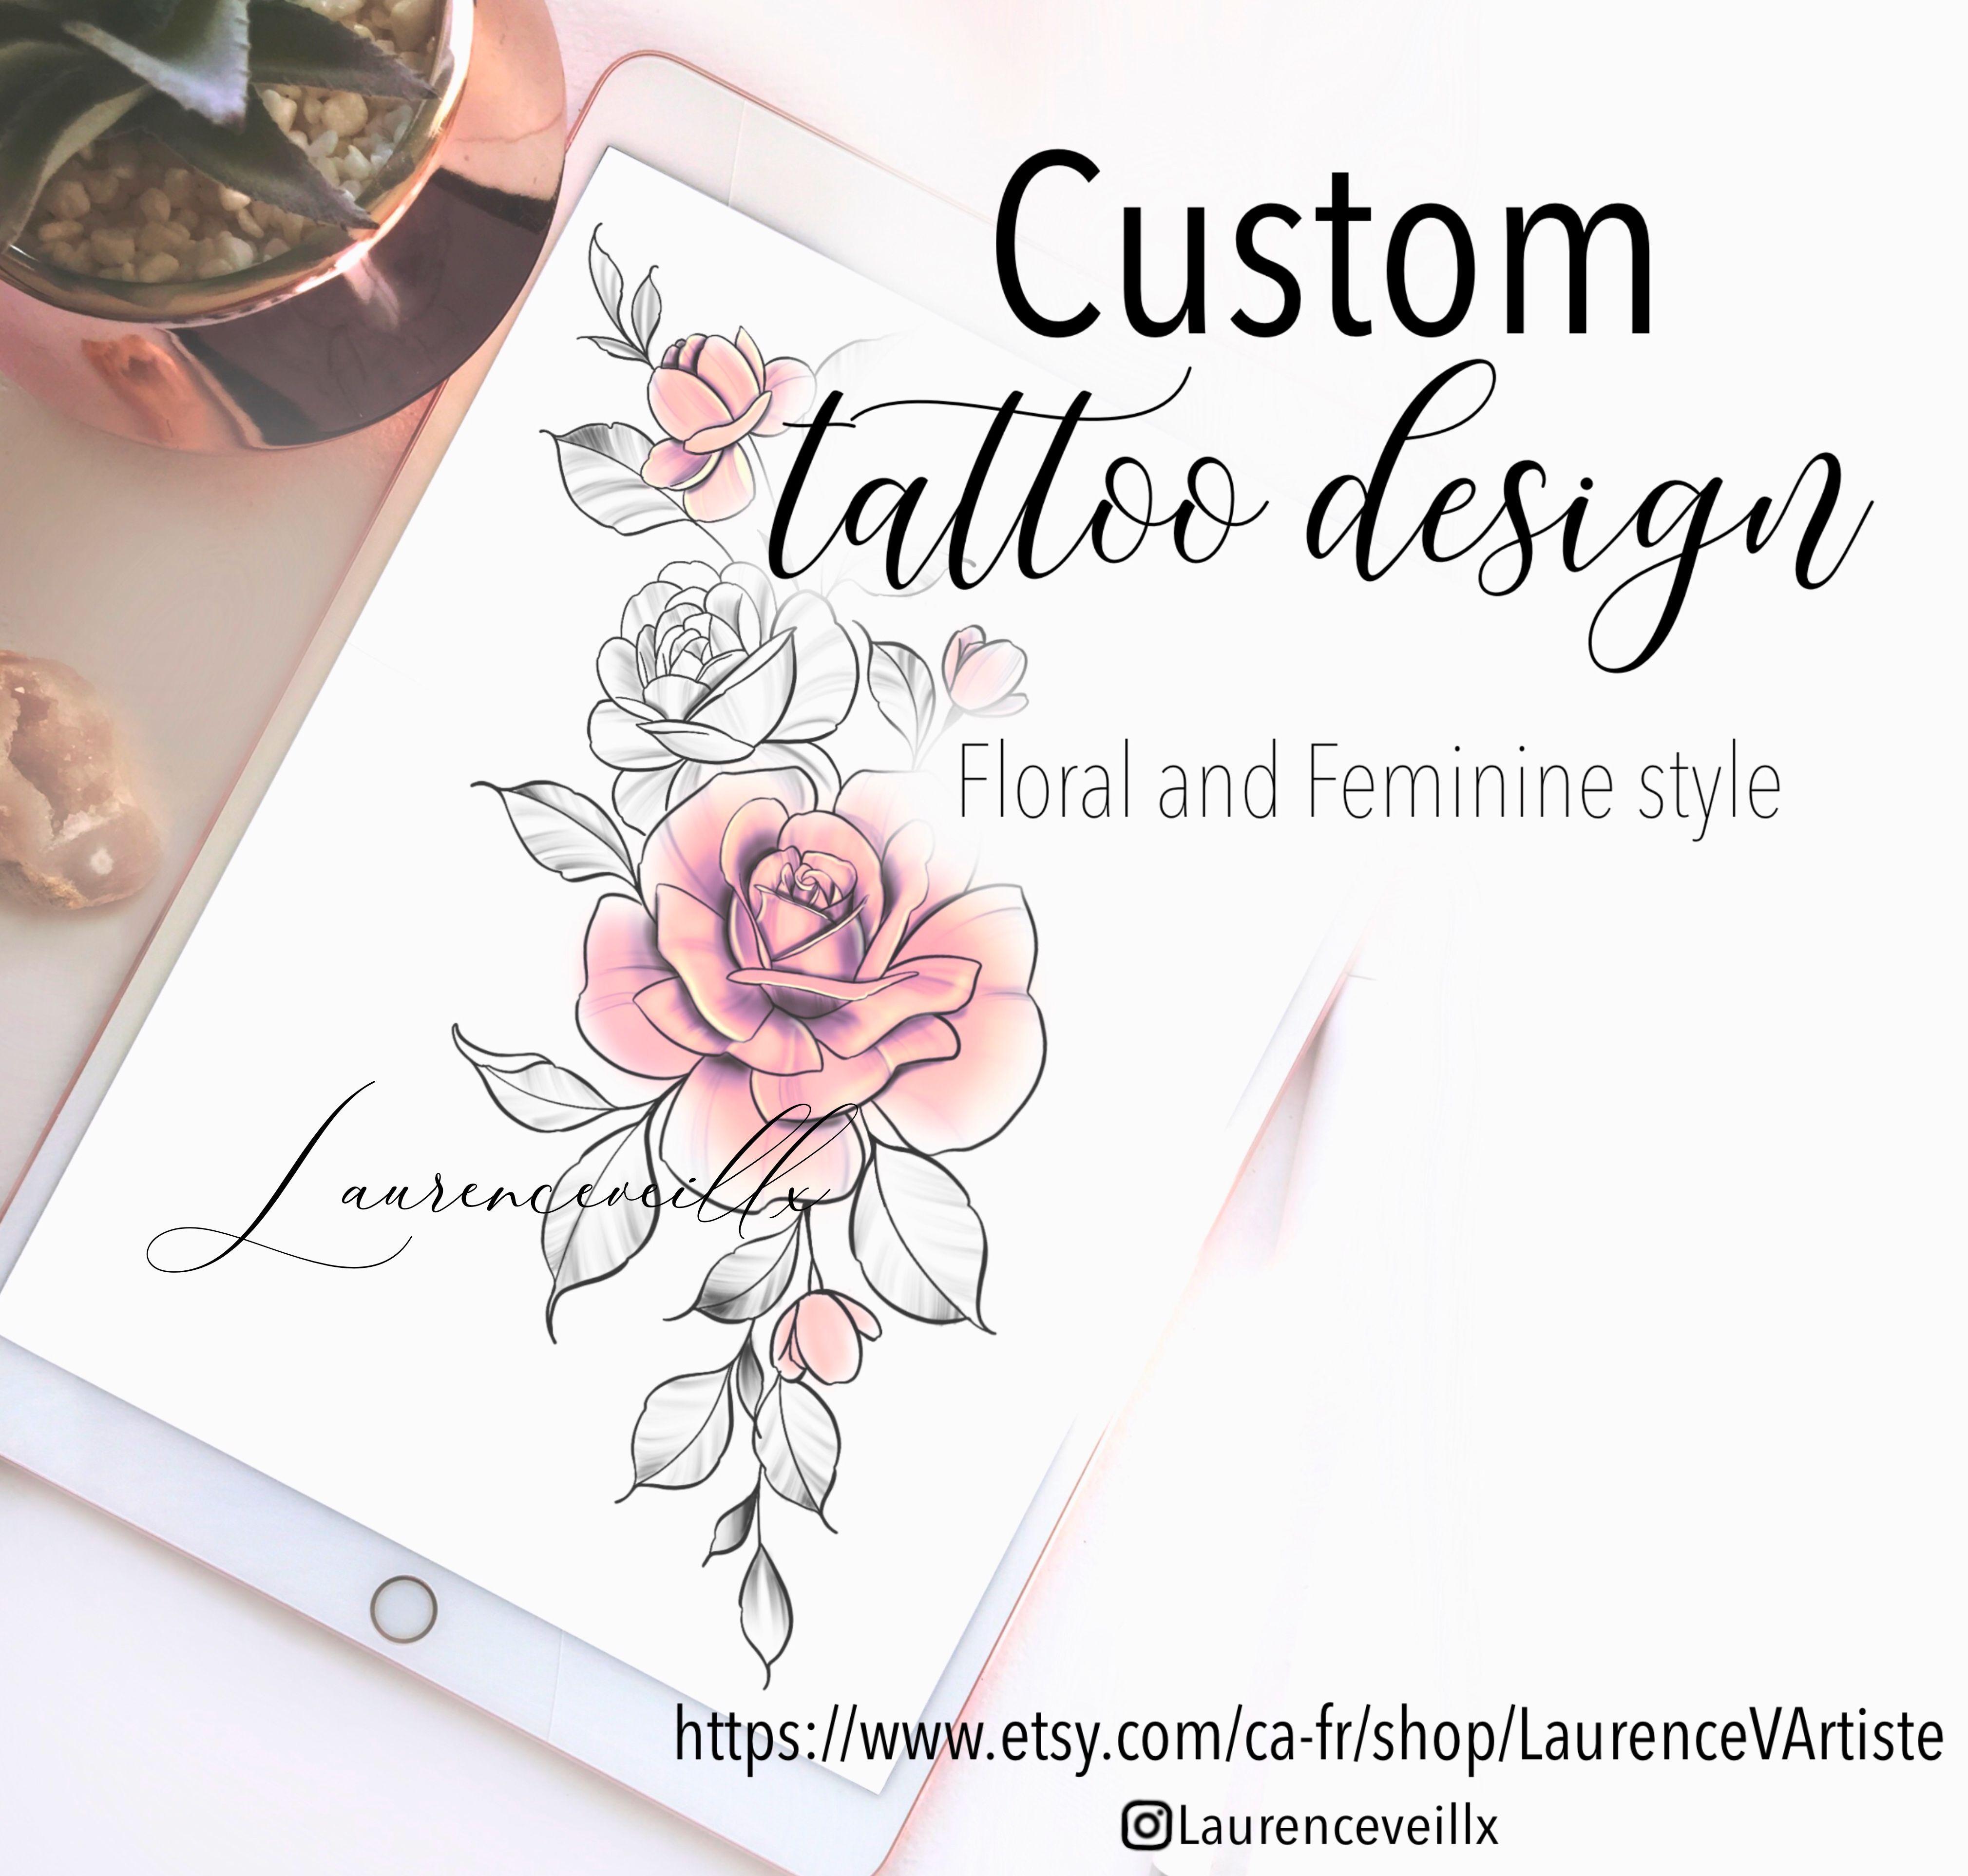 Custom Tattoo Design Custom Digital Tattoo Design Etsy Tattoo Designs Custom Tattoo Design Custom Tattoo